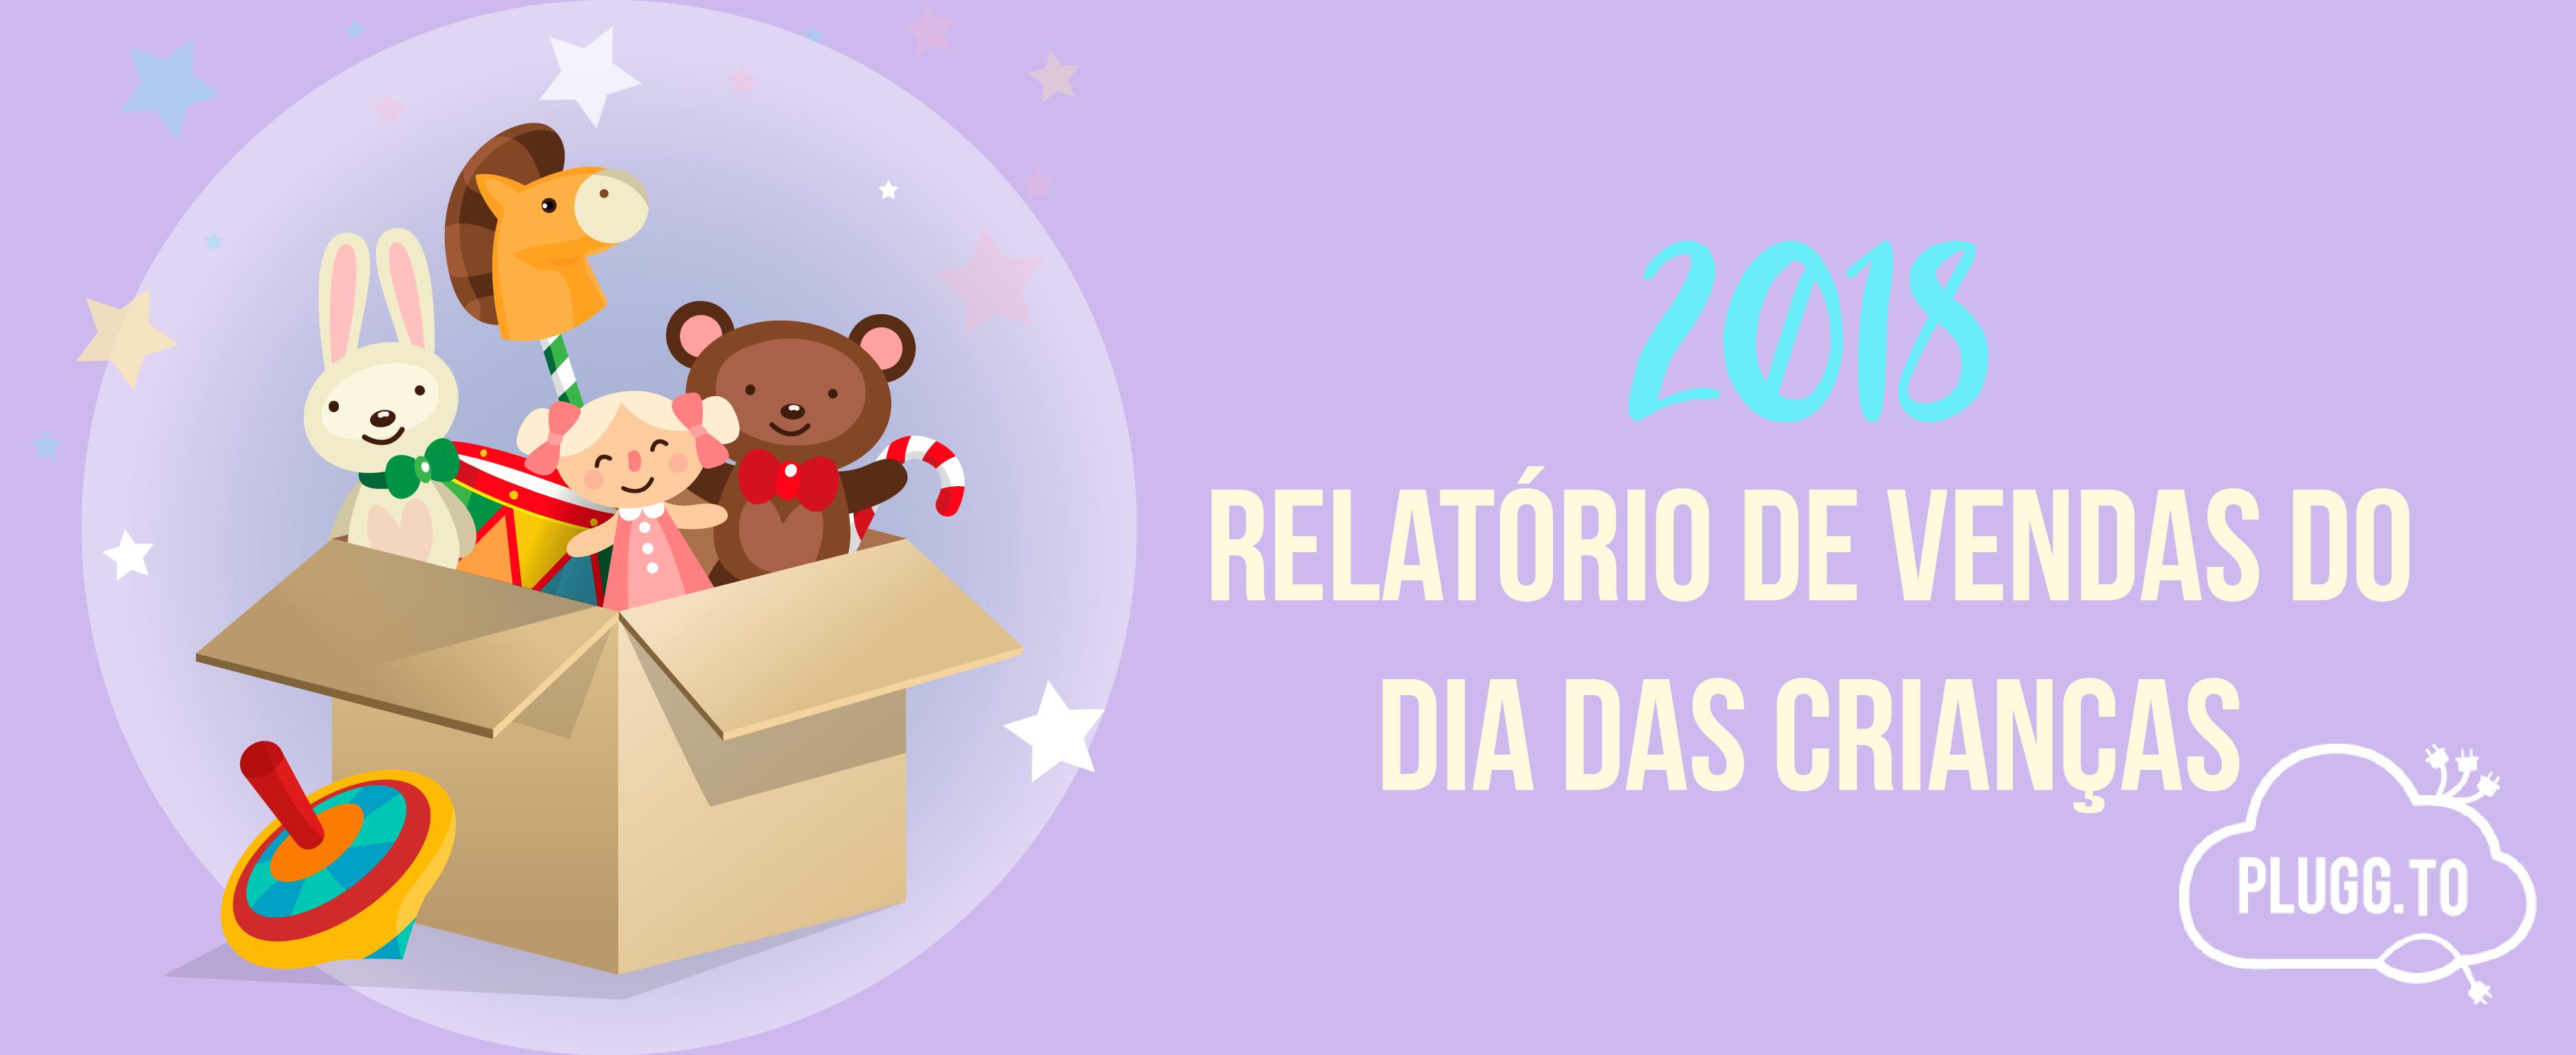 Relatório de vendas do Dia das Crianças